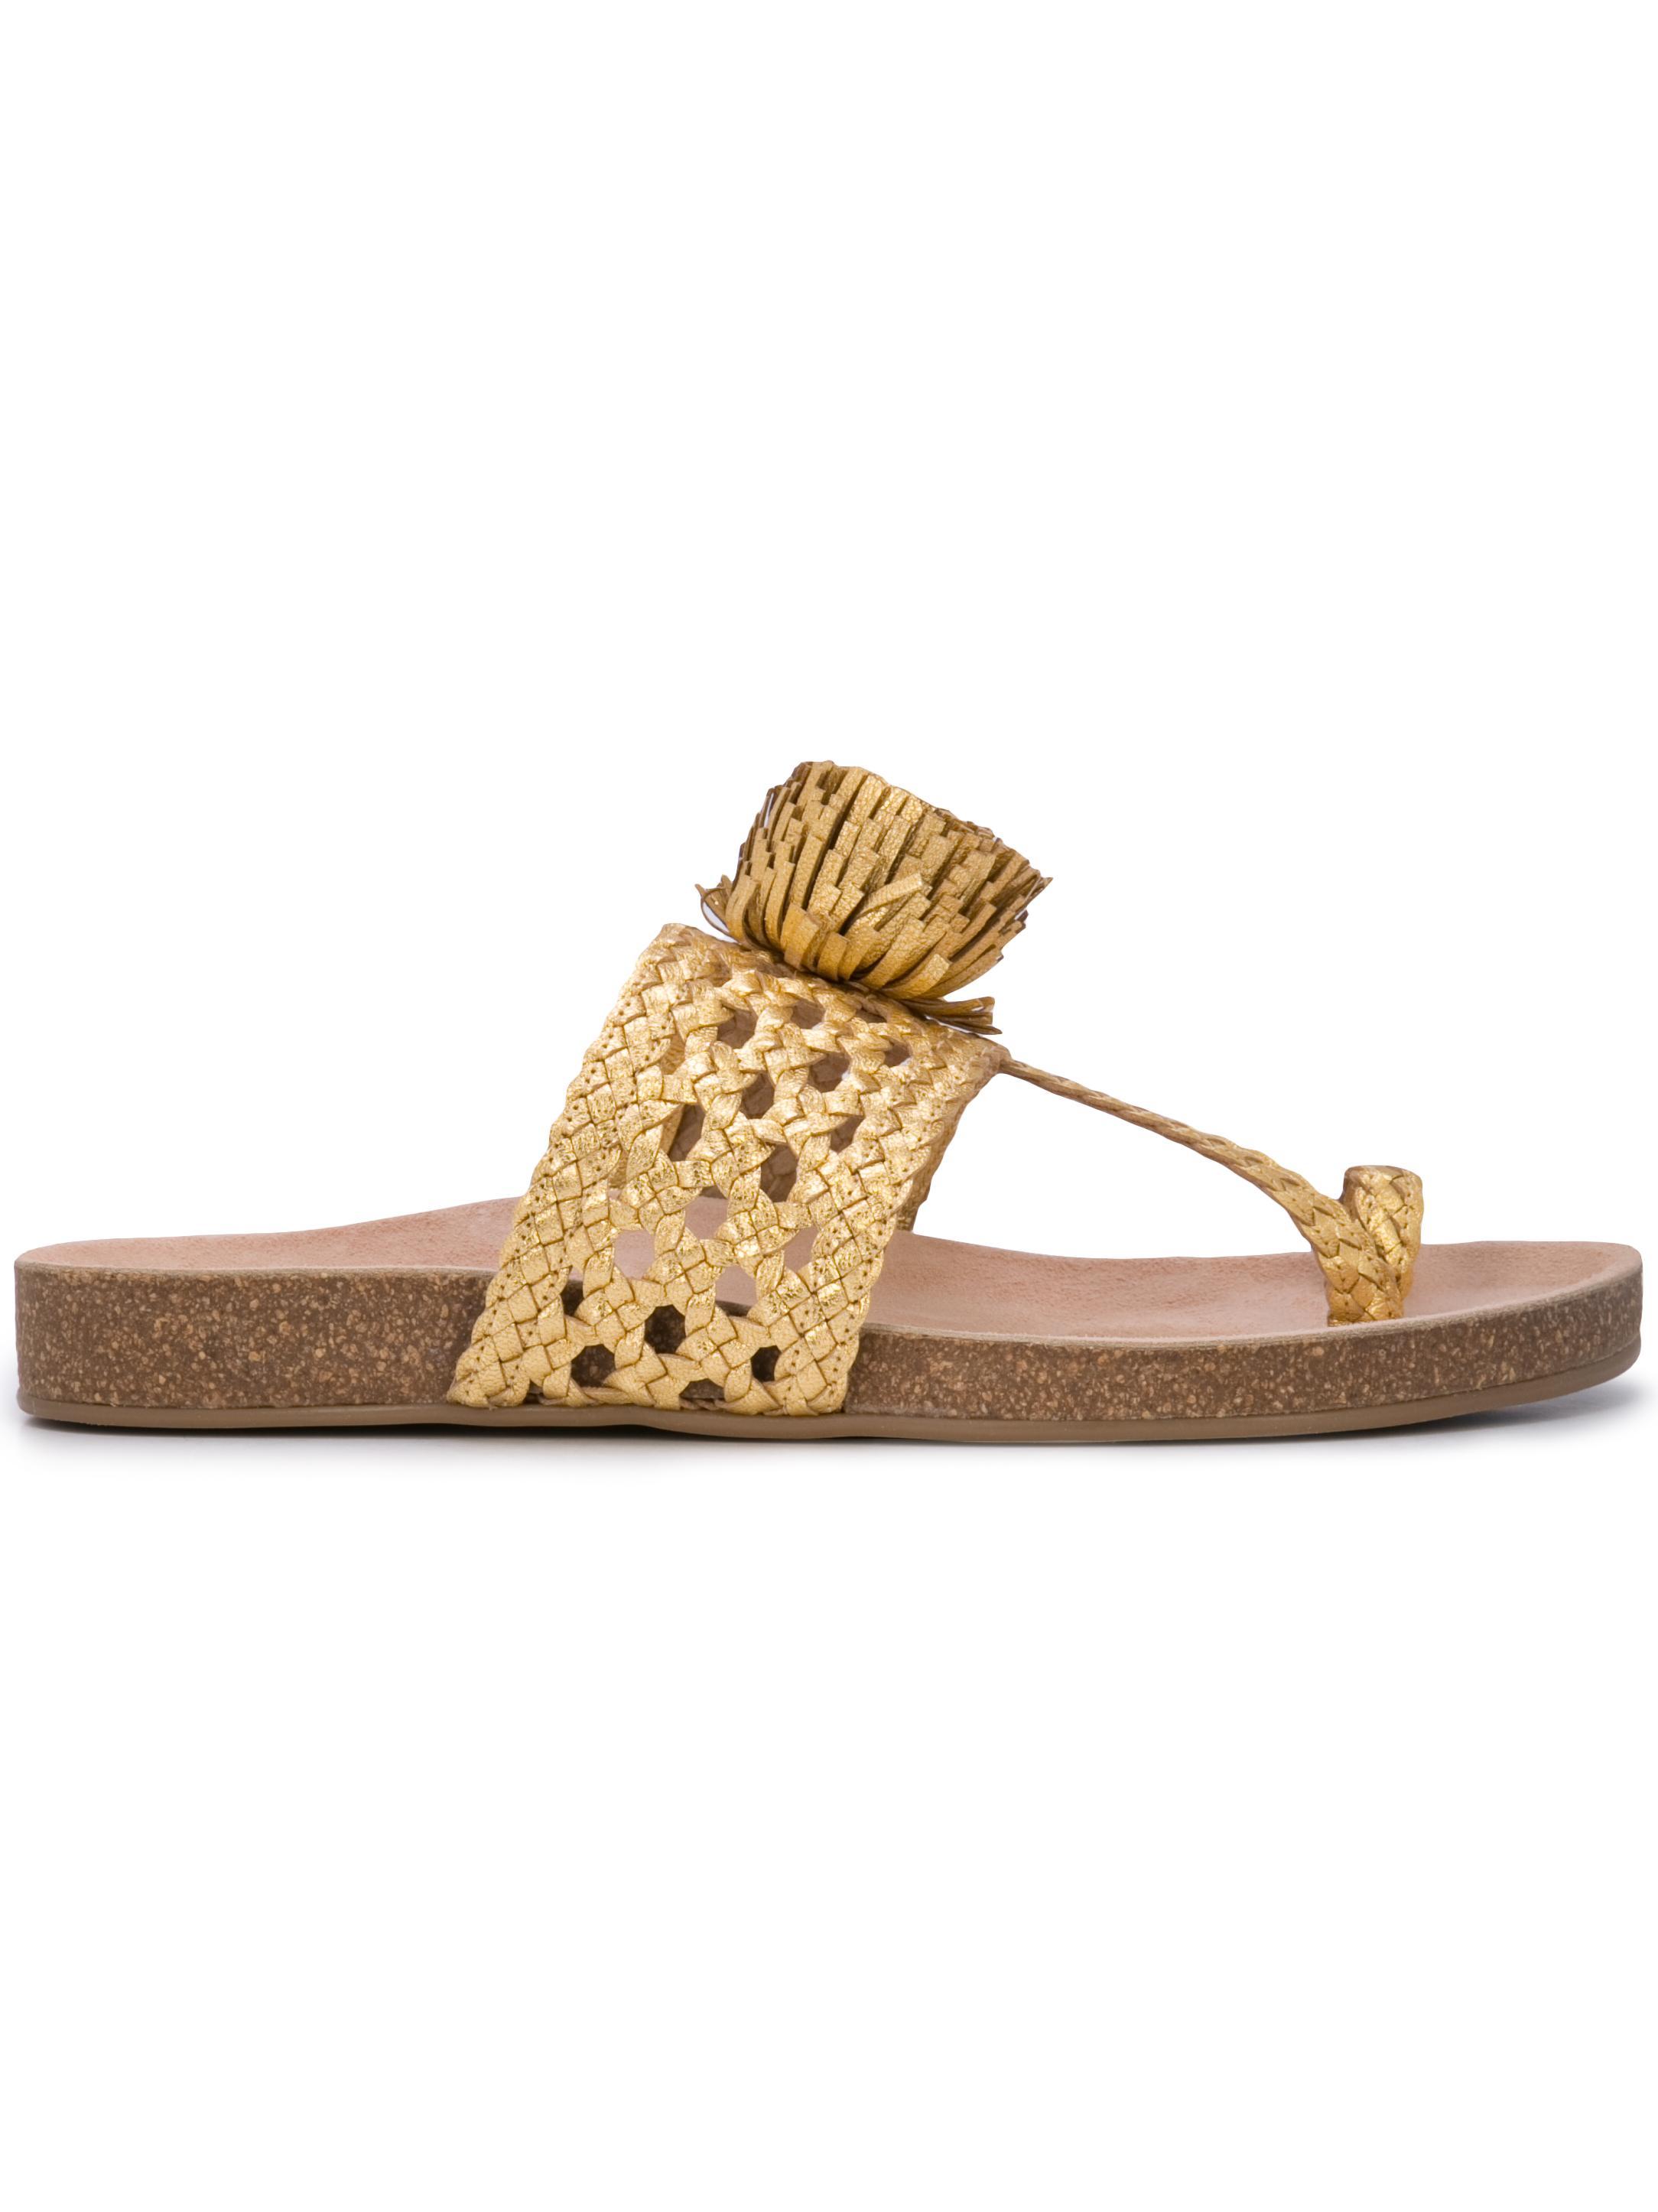 Woven Thong Sandal Item # NETTA